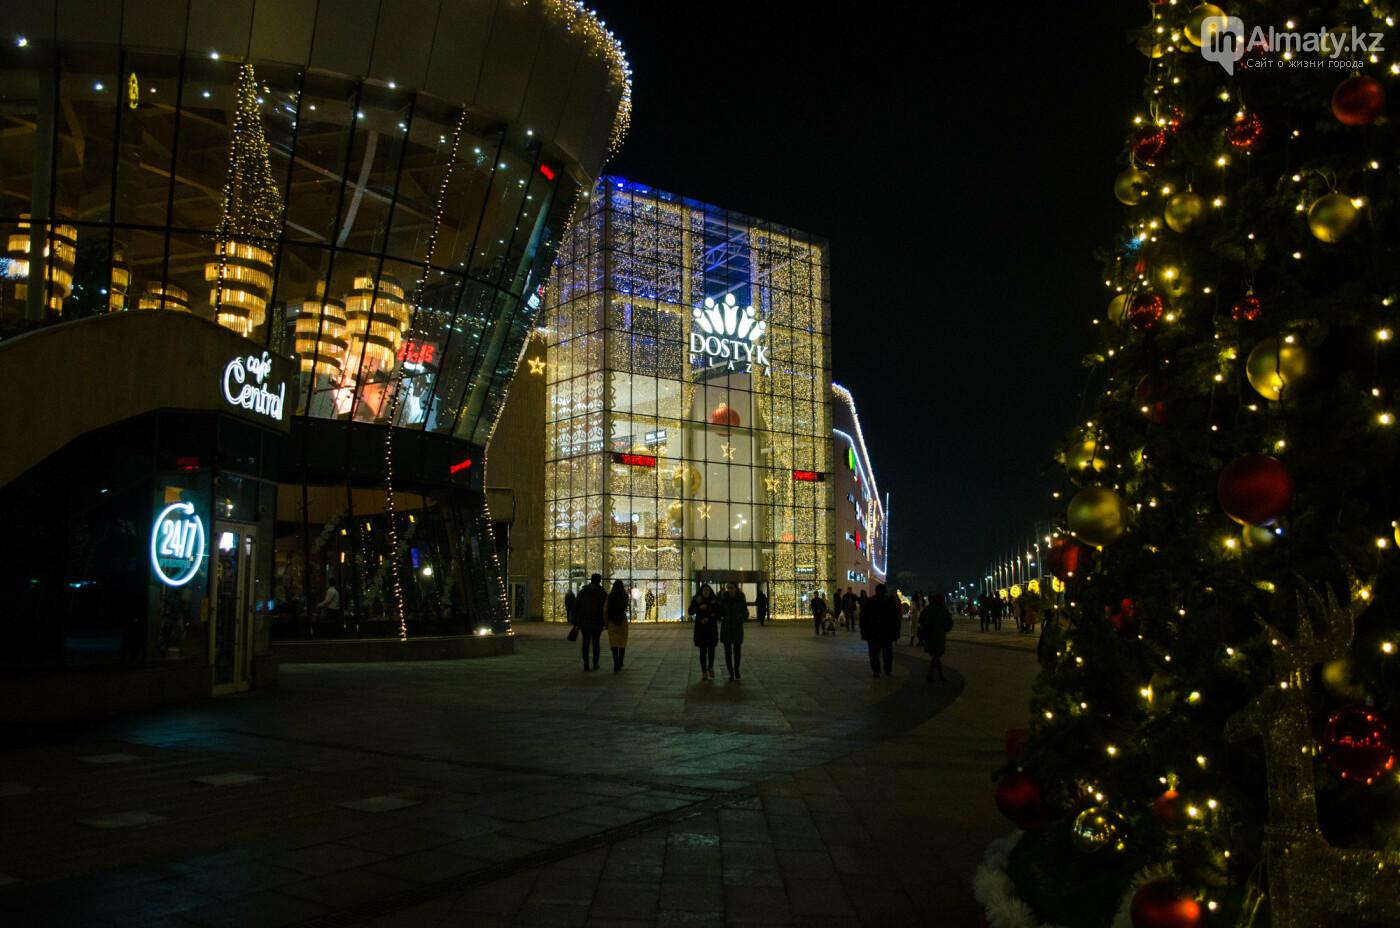 Как украшен центр Алматы к Новому году (фото), фото-1